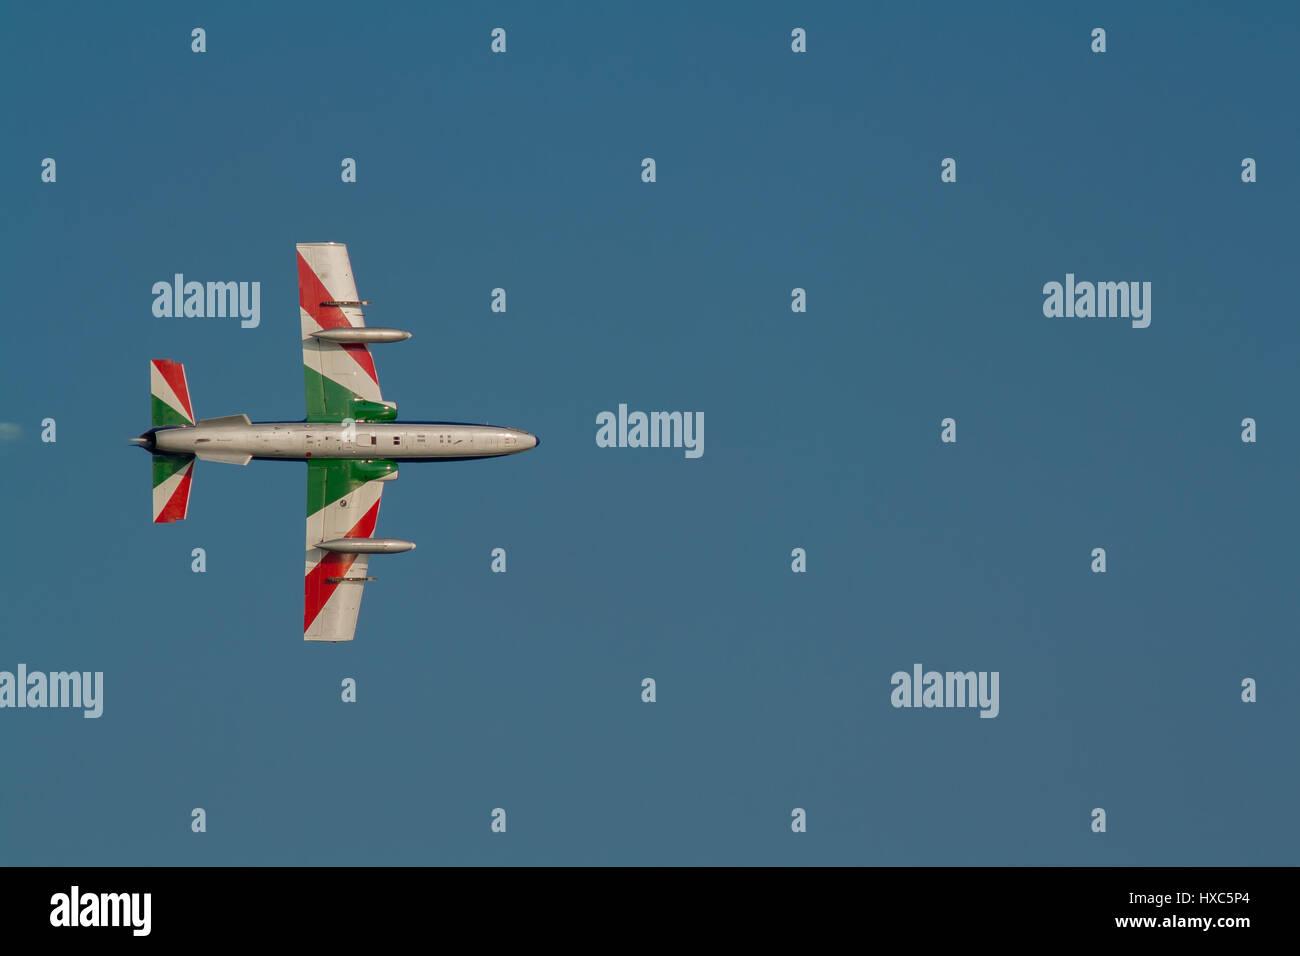 Frecce tricolori jet airshow Stock Photo